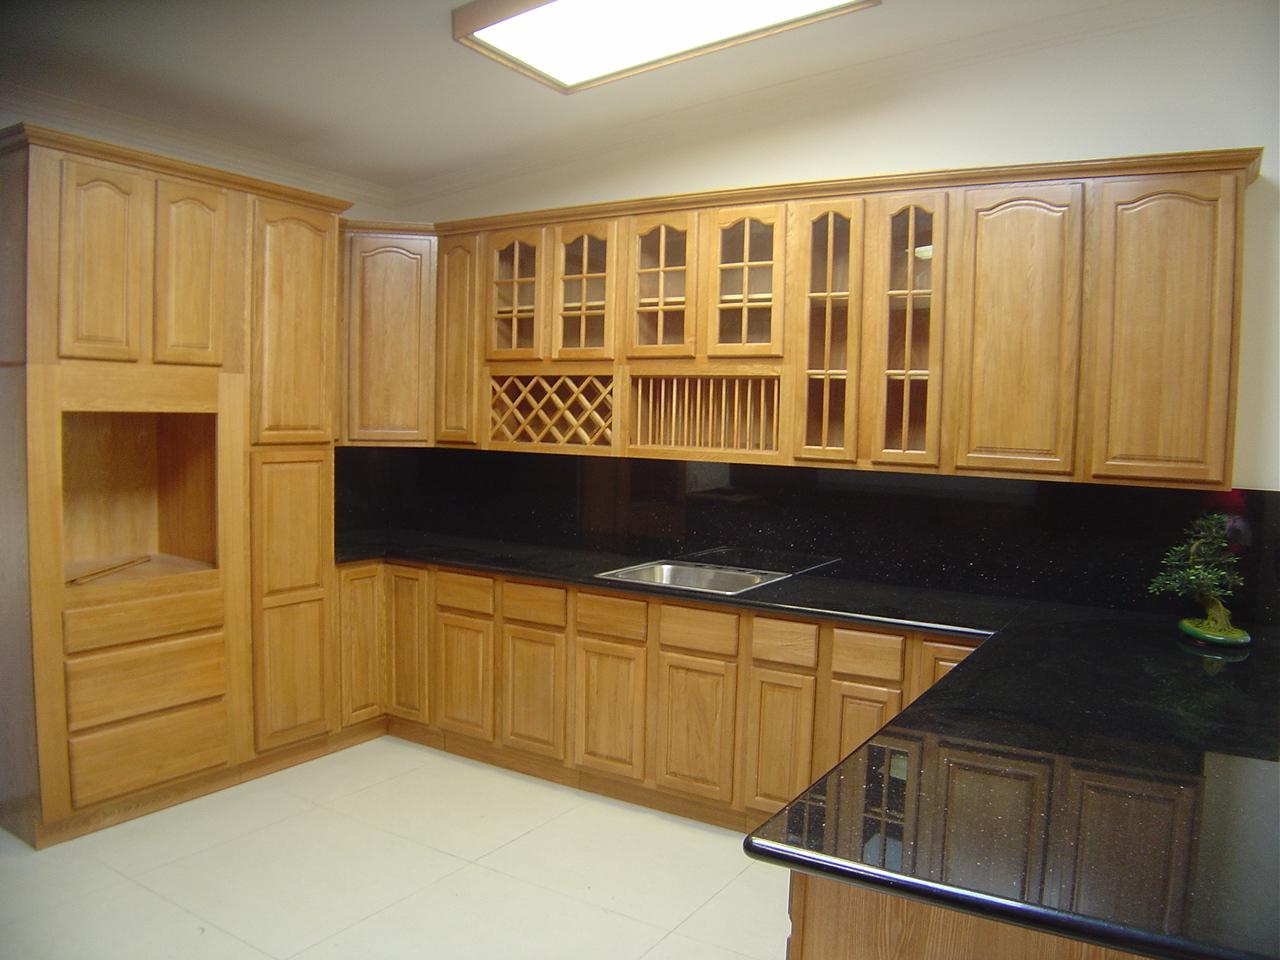 kitchen cabinets oak kitchen interior design luxury kitchen amazing small kitchen cabinet fittings interior design